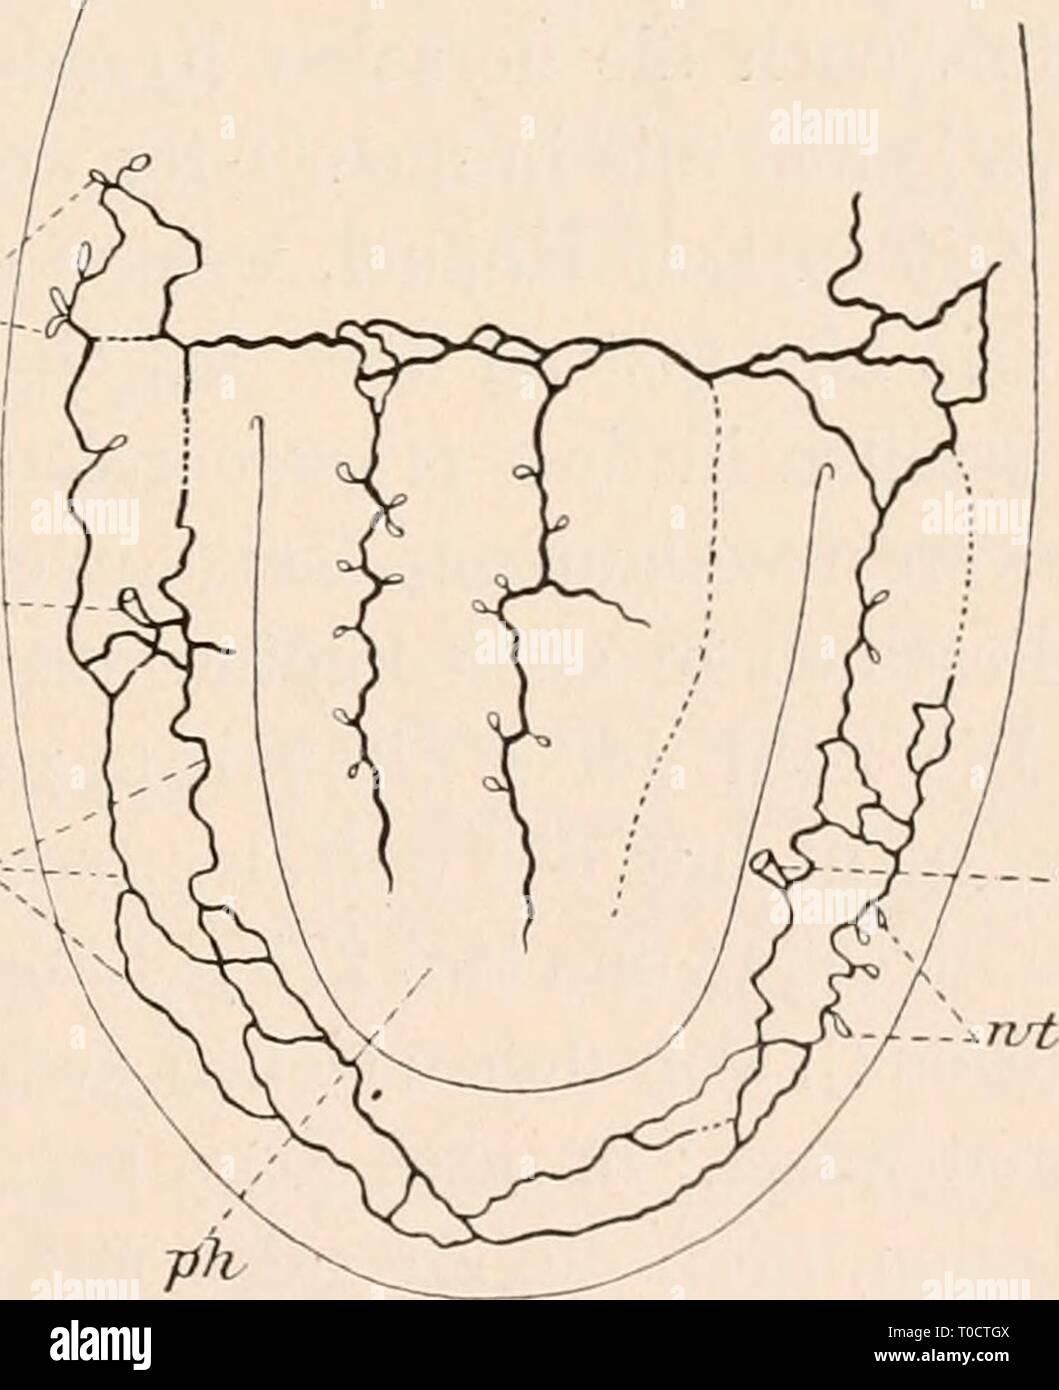 Dr HG Bronn's Klassen und Dr. H.G. Bronn's Klassen und Ordnungen des Thier-Reichs : wissenschaftlich dargestellt in Wort und Bild drhgbronnsklasse040102bron Year: 1912  ea^p.,/___.__ exp^. Procerodes lobata. Dorsale Grefäße eines jungen Tieres nach einem Quetschpräparat. Fig. 68. wt.: cvp <9X-.    -CJCp Procerodes lobata. Exkretionskanäle des hinteren Körperteiles und des Pharynx {ph). ex die beiden seitlichen Hauptkanäle, exp Ex- kretionsporen, wt Wimpertrichter nach einem Quetschpräparat. (Nach Wilhelmi). teilen können (ep,). ,,Die Öffnungen liegen meist dorsal über den Hoden der betreff - Stock Image